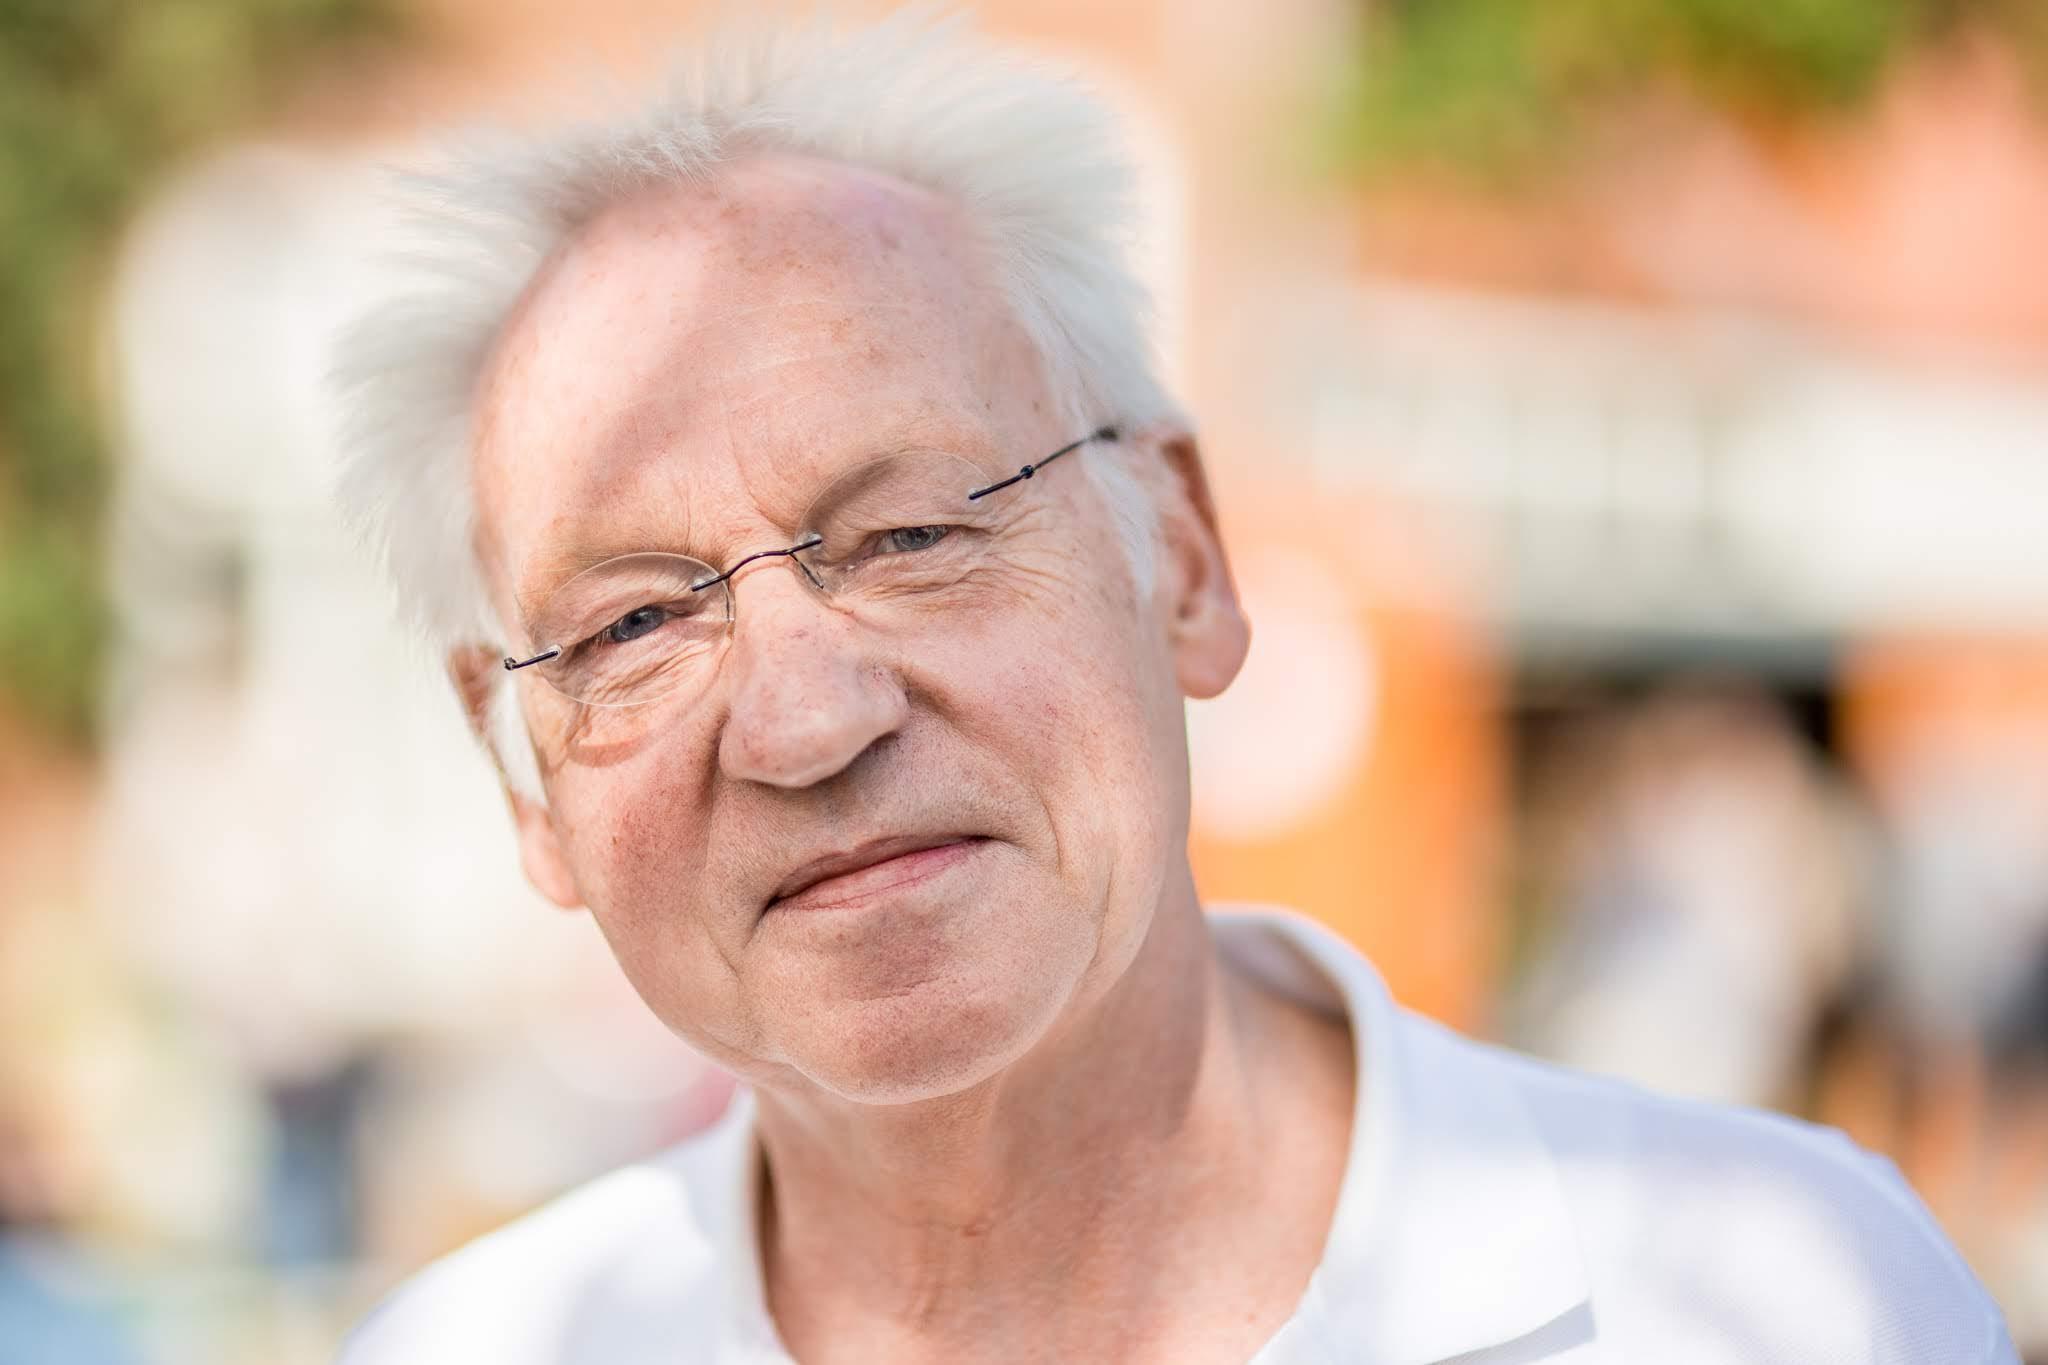 Fritz Armbrust